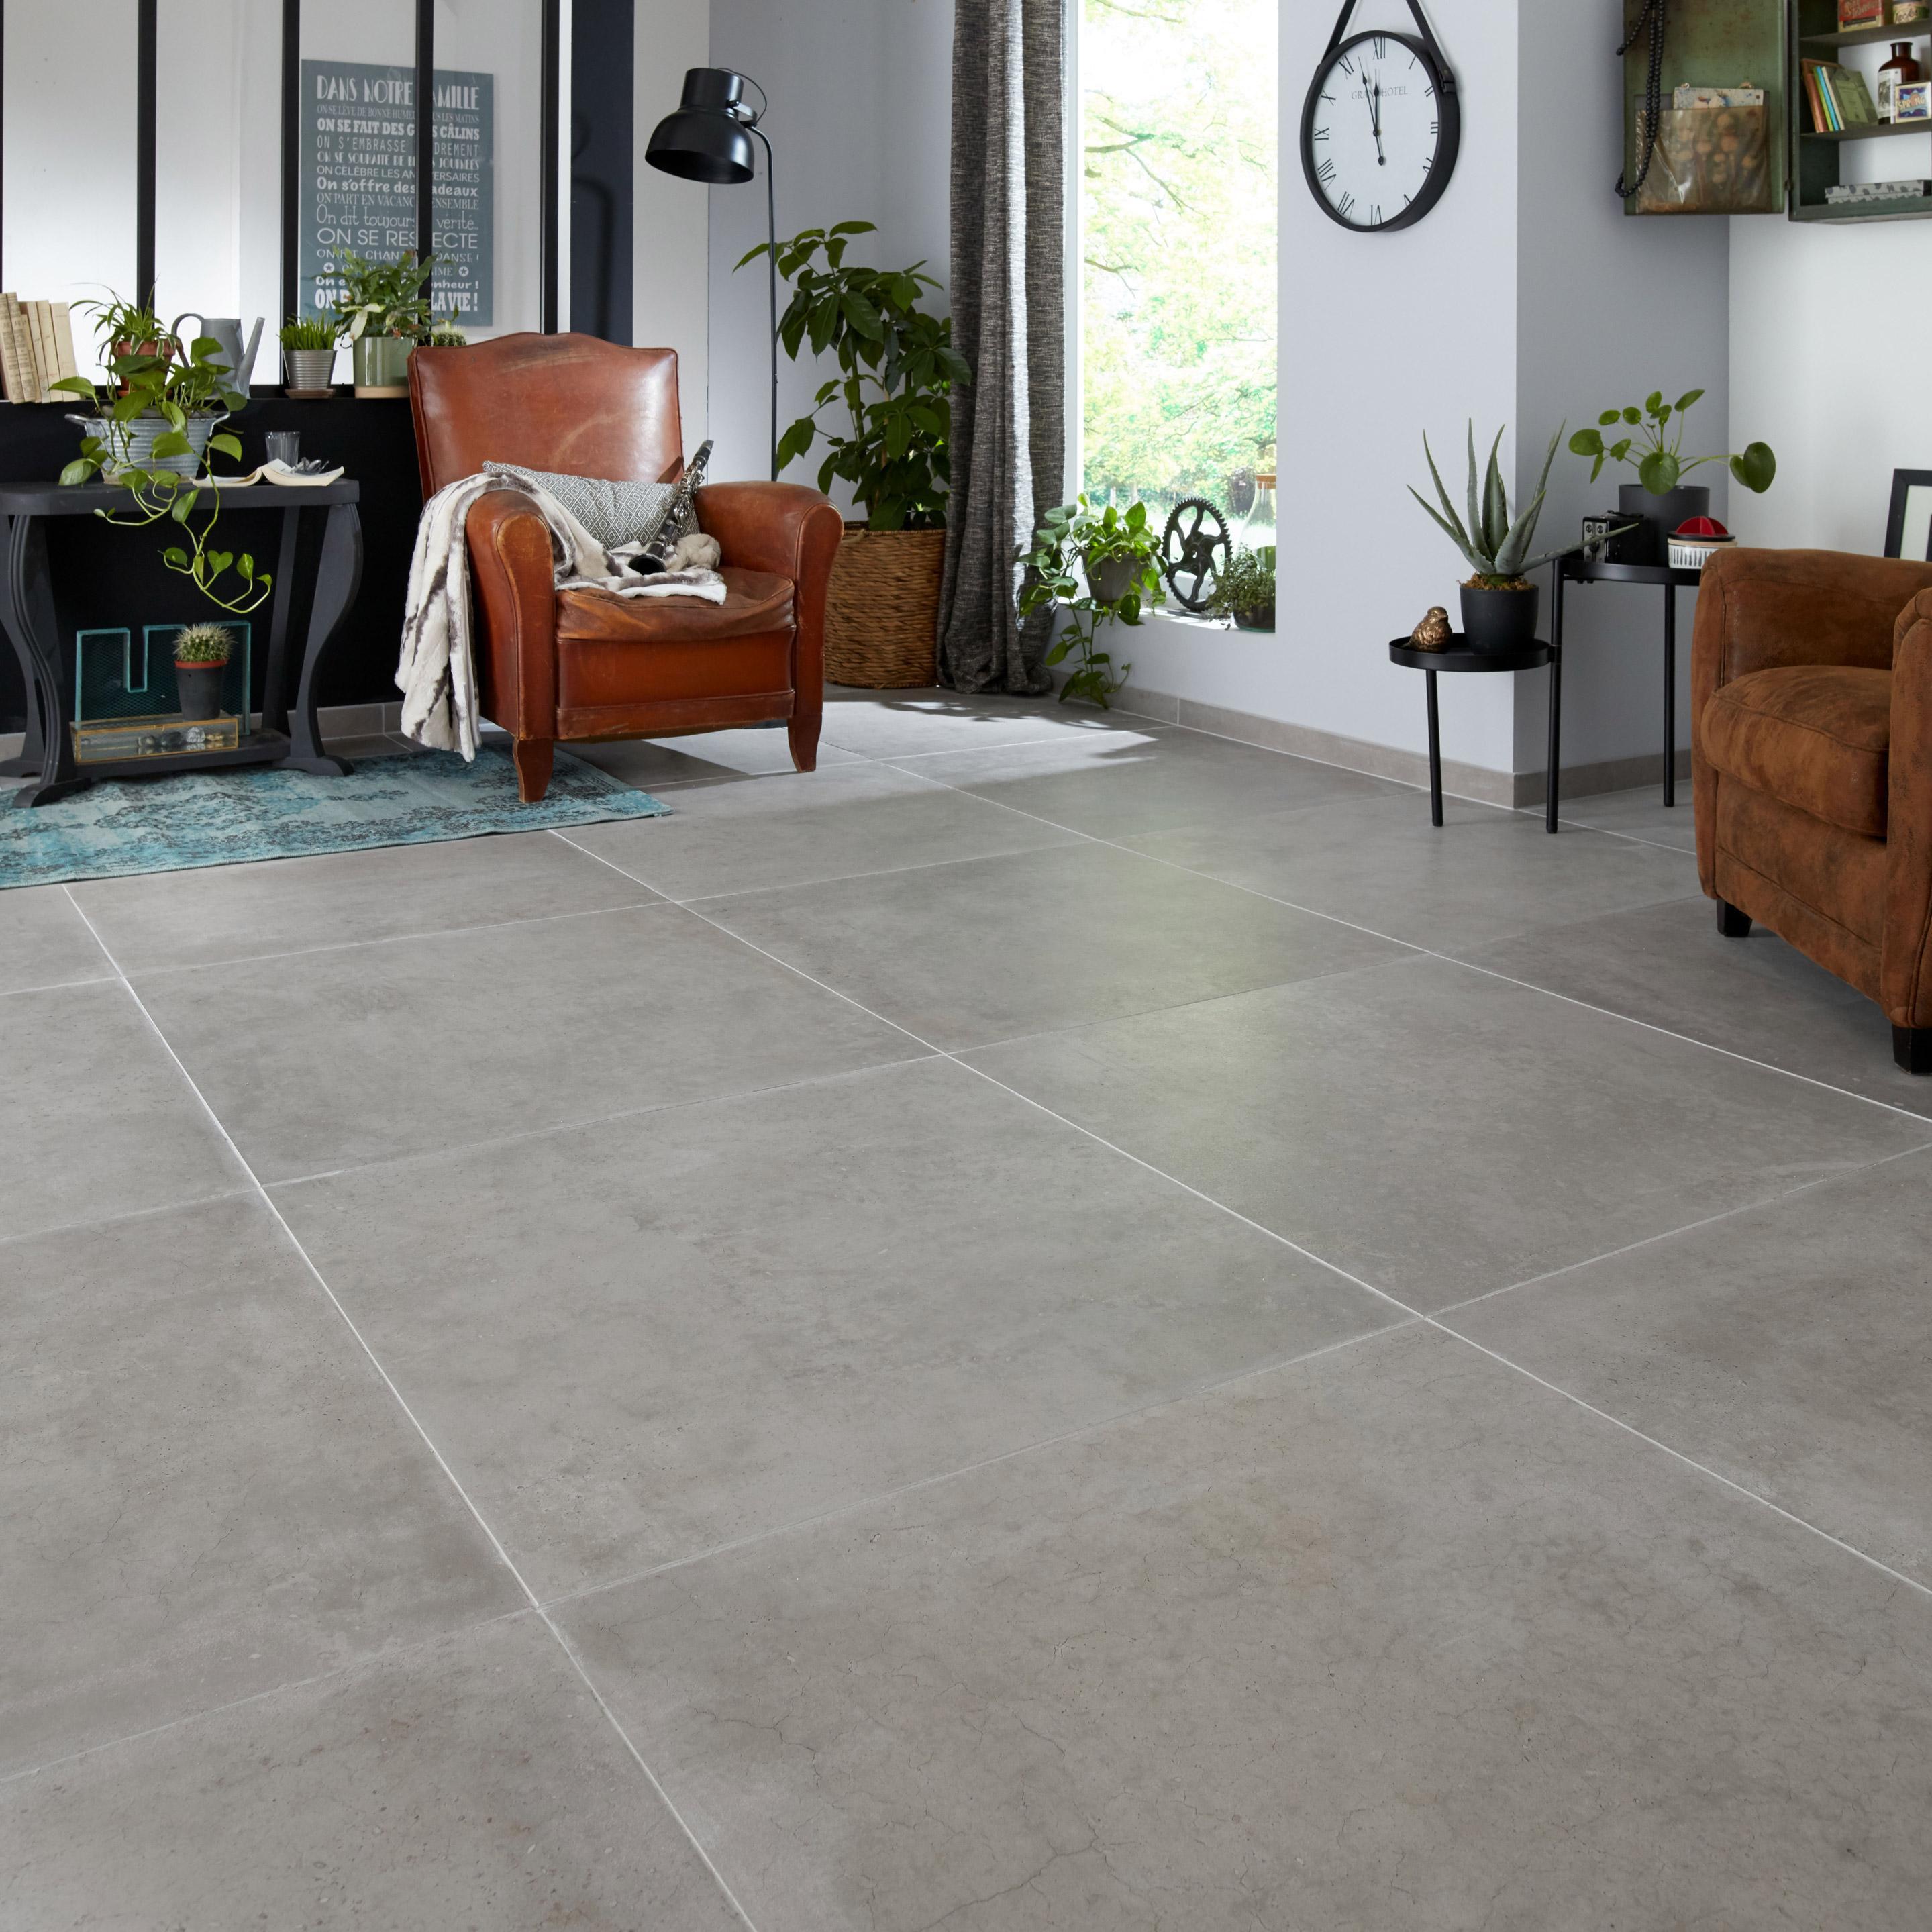 Carrelage sol et mur effet béton gris clair Spirit l.80 x L.80 cm ARIANA